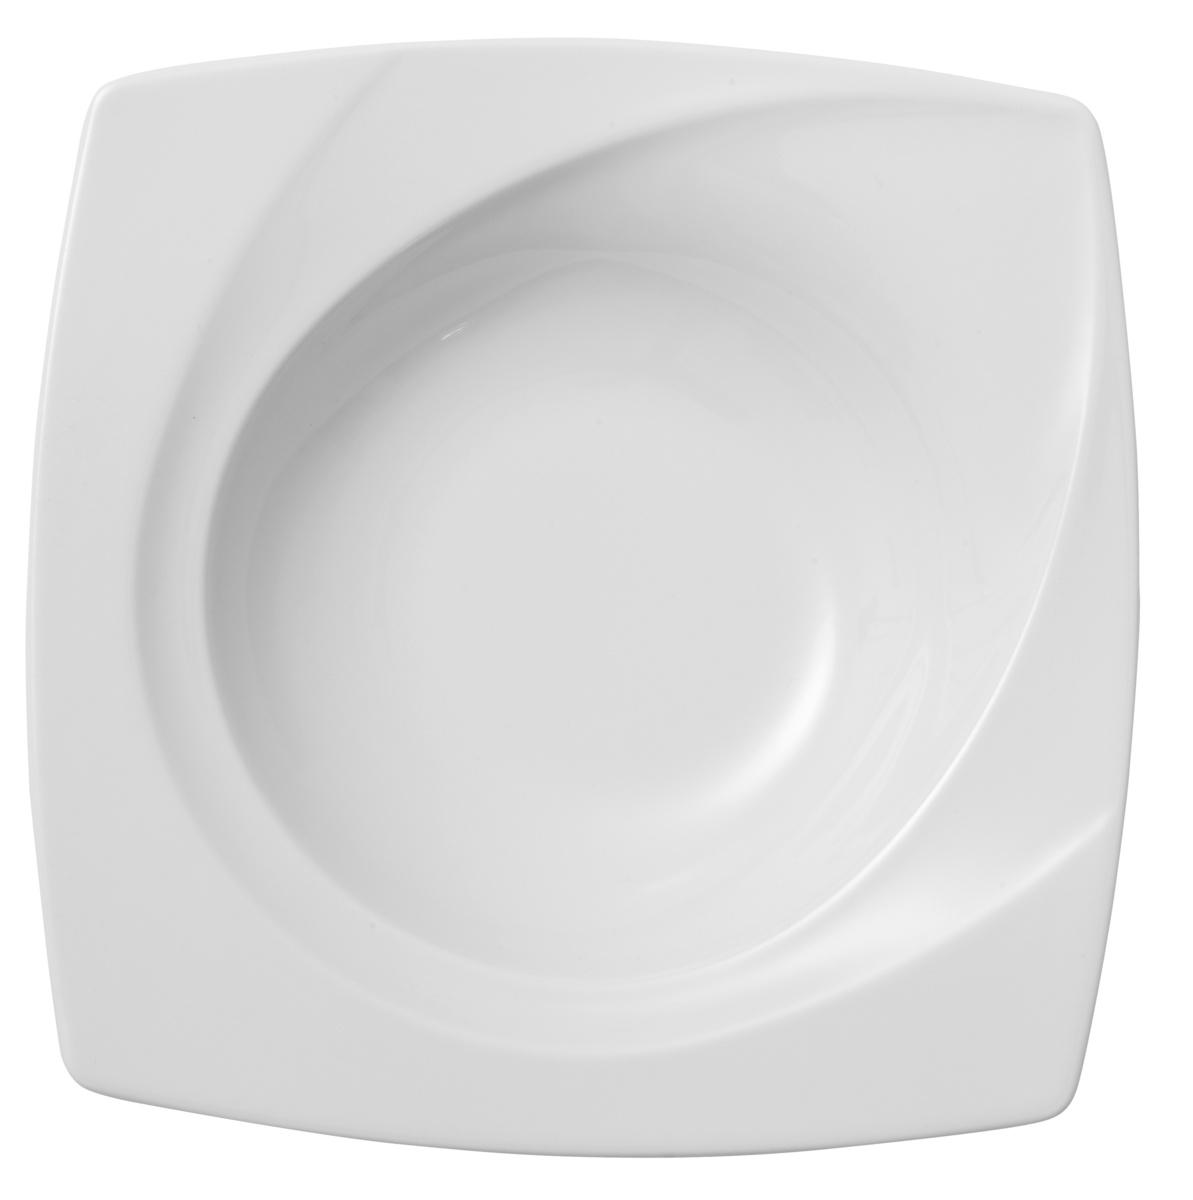 Assiette creuse carrée blanc porcelaine 23x23 cm Celebration